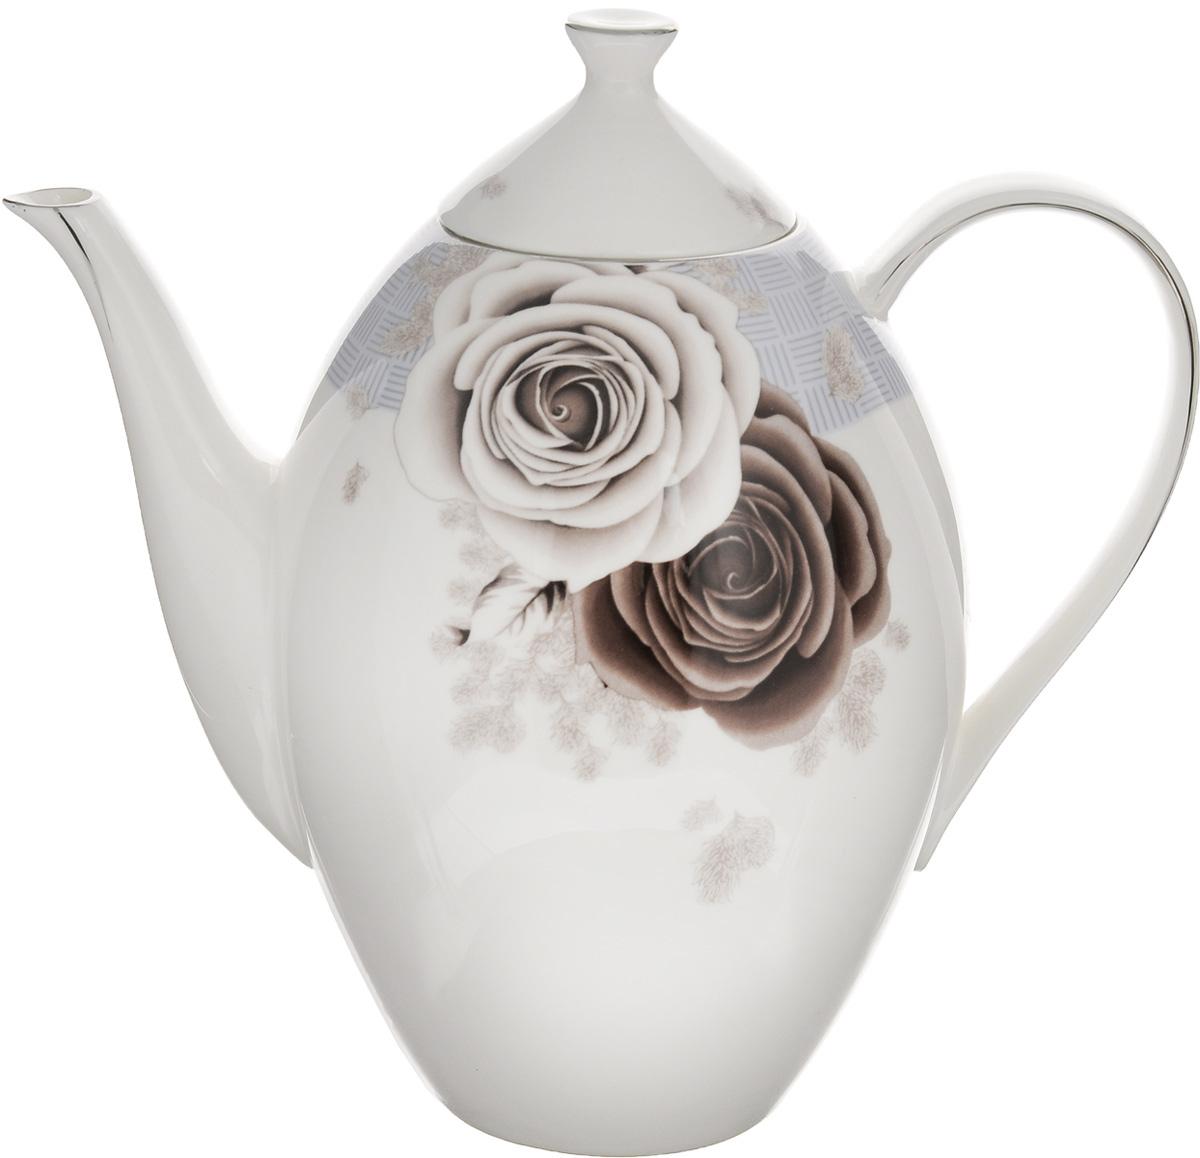 Чайник заварочный Family & Friends Дэниш, 1,3 лPR7993Заварочный чайник Family & Friends Дэниш изготовлен из фарфора, покрытого блестящей глазурью. Изделие декорировано серебристой эмалью и красивым изображением цветов. Такой заварочный чайник станет изысканным украшением стола к чаепитию и порадует вас и ваших гостей оригинальным дизайном и качеством исполнения. Чайник прекрасно подойдет в качестве подарка к любому случаю. Диаметр (по верхнему краю): 6,5 см. Высота (с крышкой): 21 см.